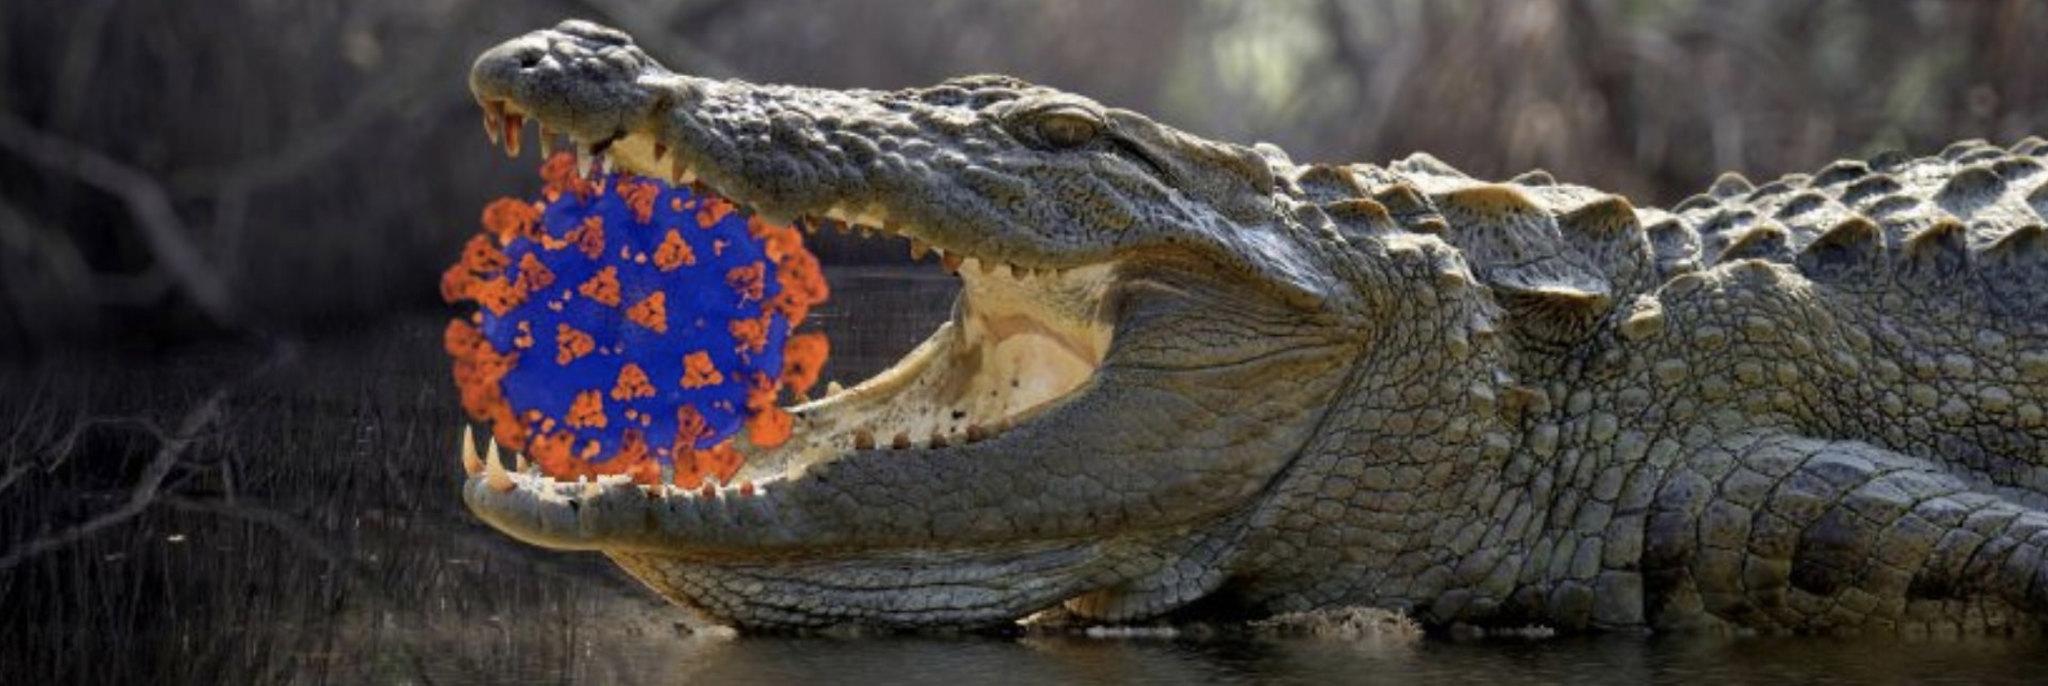 Coronavirus and gator